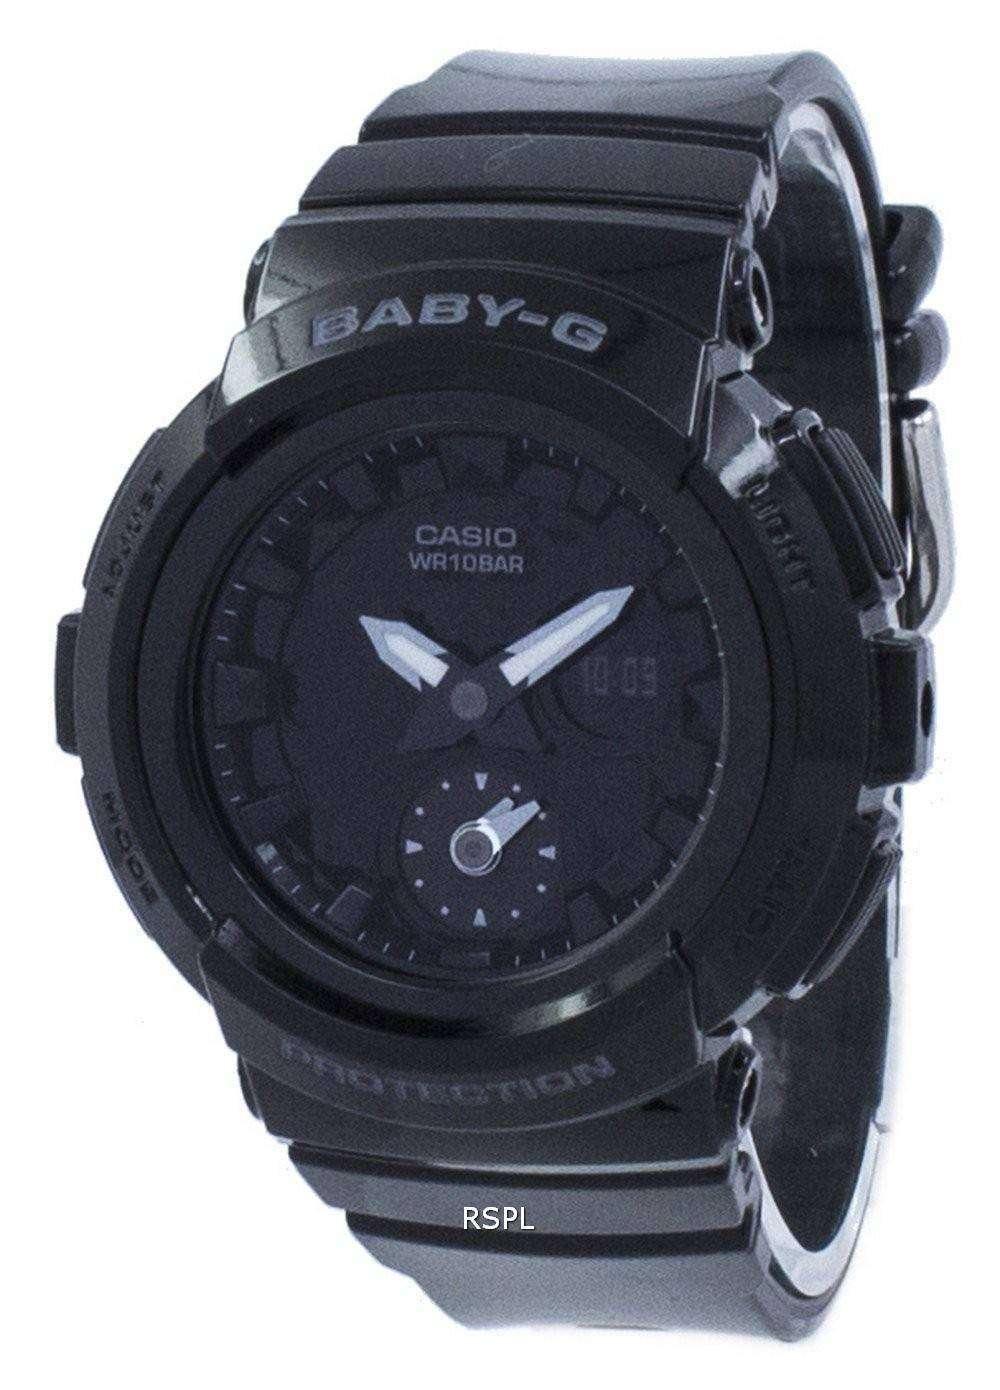 53fa0ff43 Casio Baby-G Shock Resistant Analog Digital BGA-195-1A BGA195-1A ...